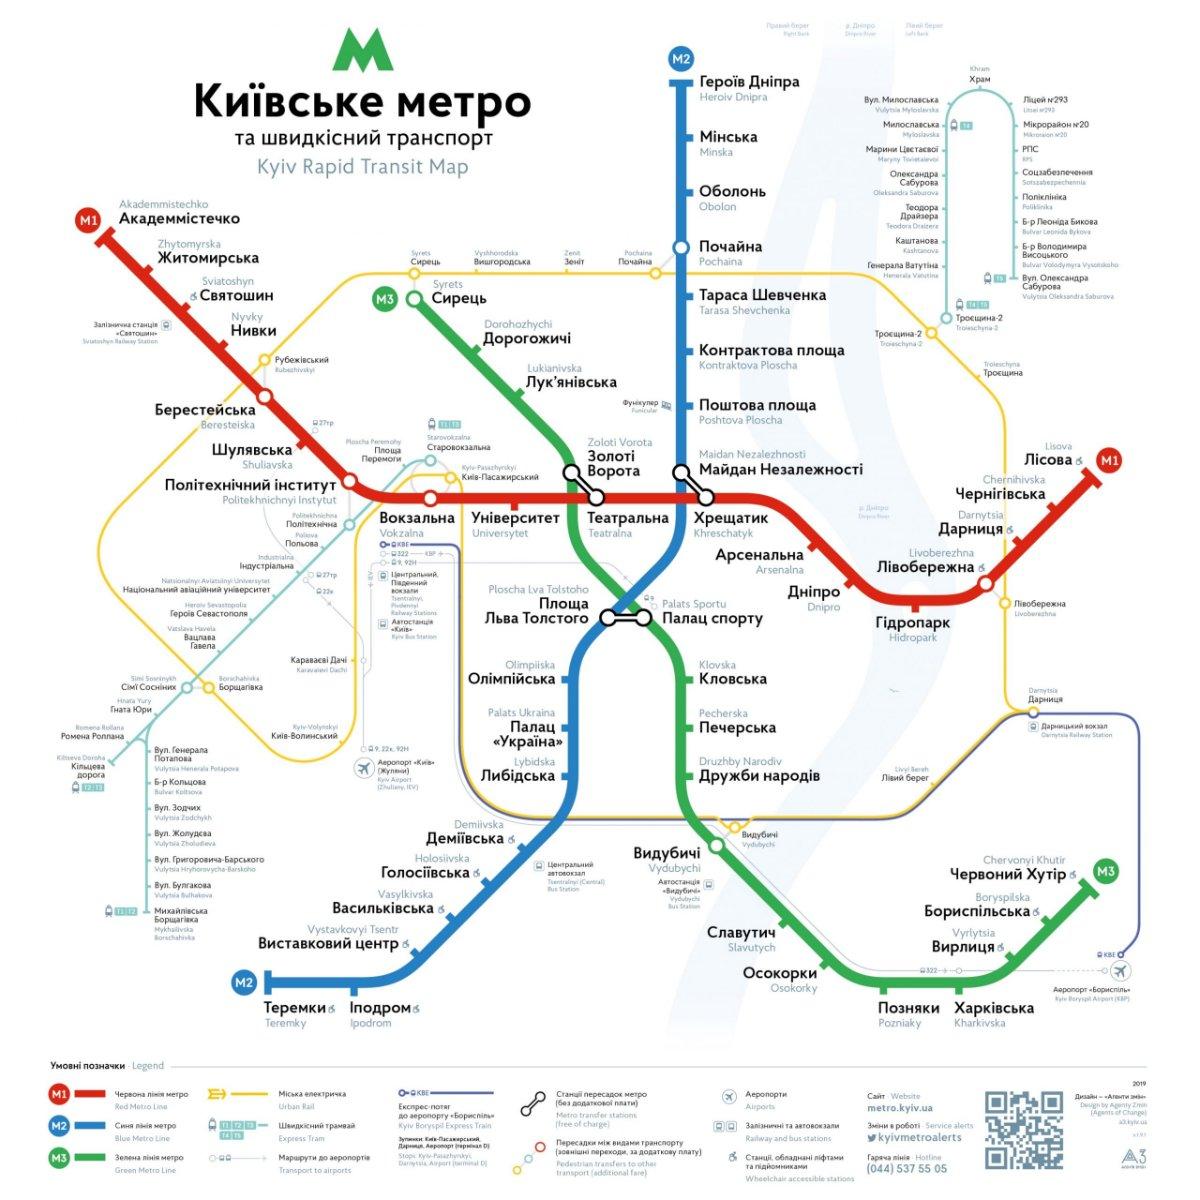 IDMedia Наружная реклама в городе Киев (Киевская область), Метро Digital в городе Киев №238989 схема